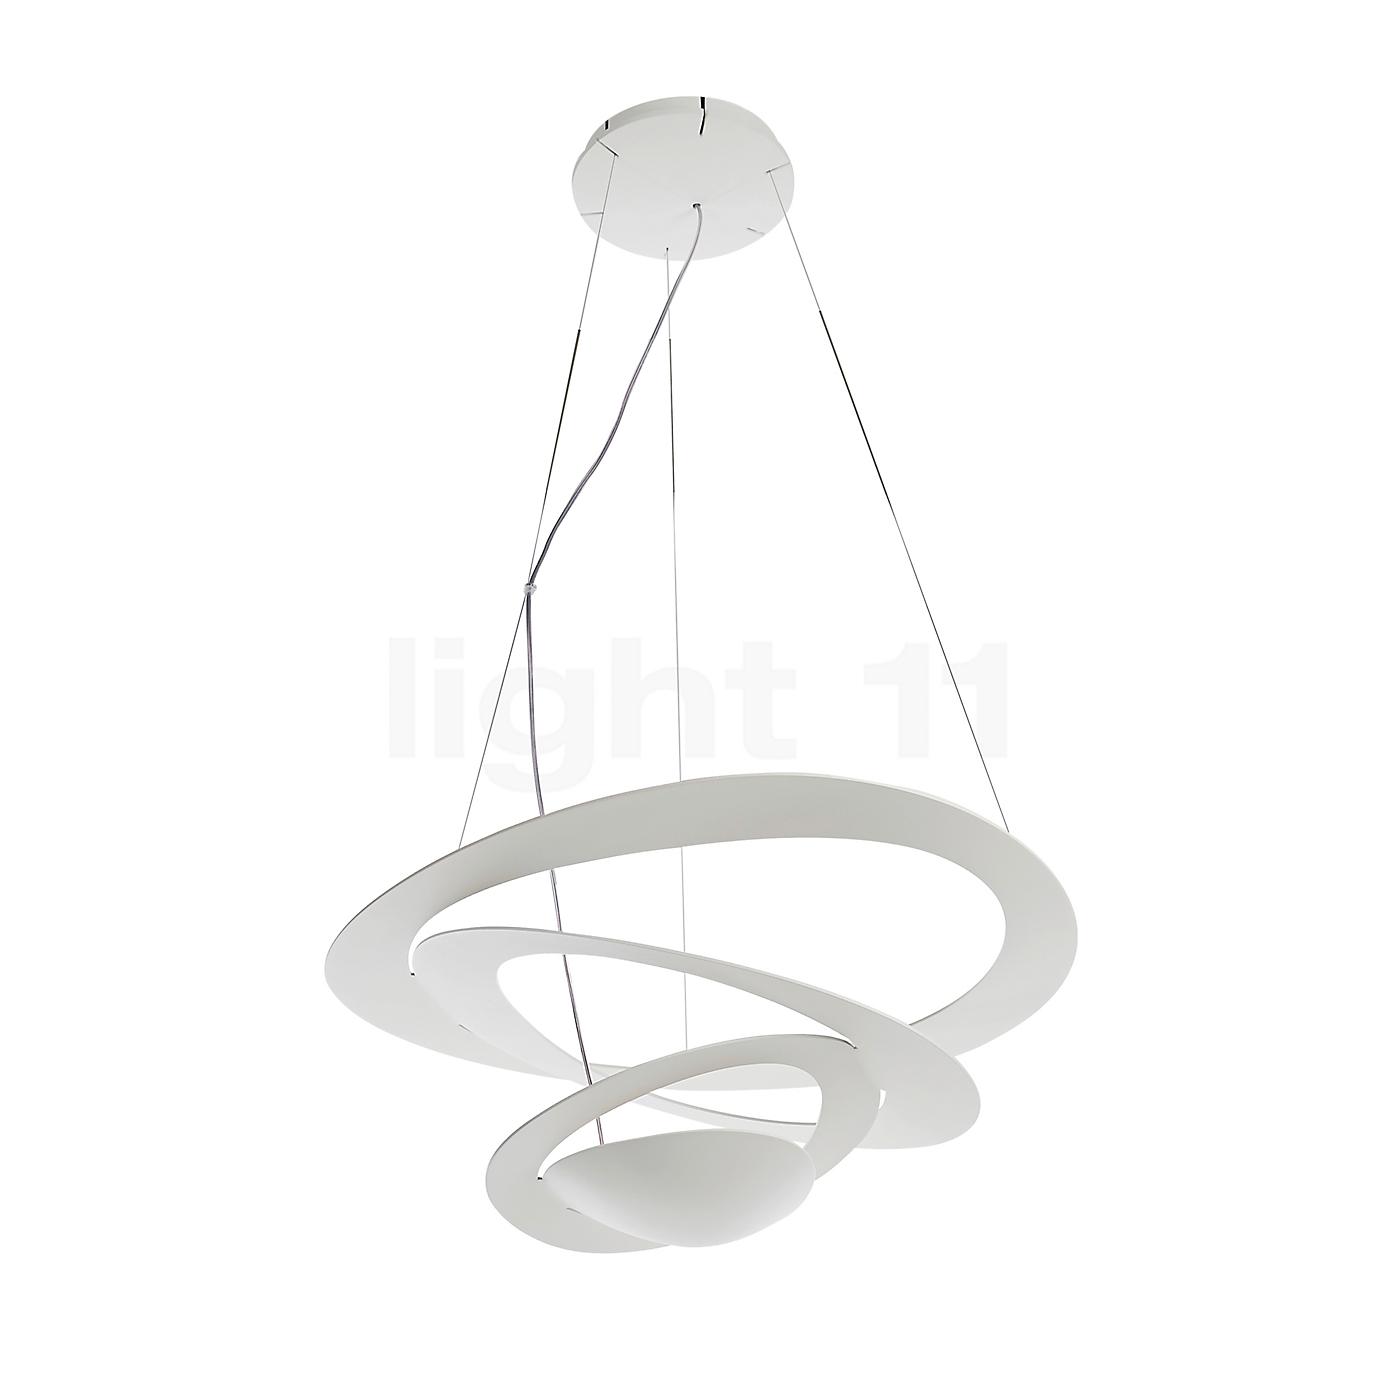 artemide lampadario sospensione : Artemide Pirce Micro Sospensione LED Lampada a sospensione da comprare ...